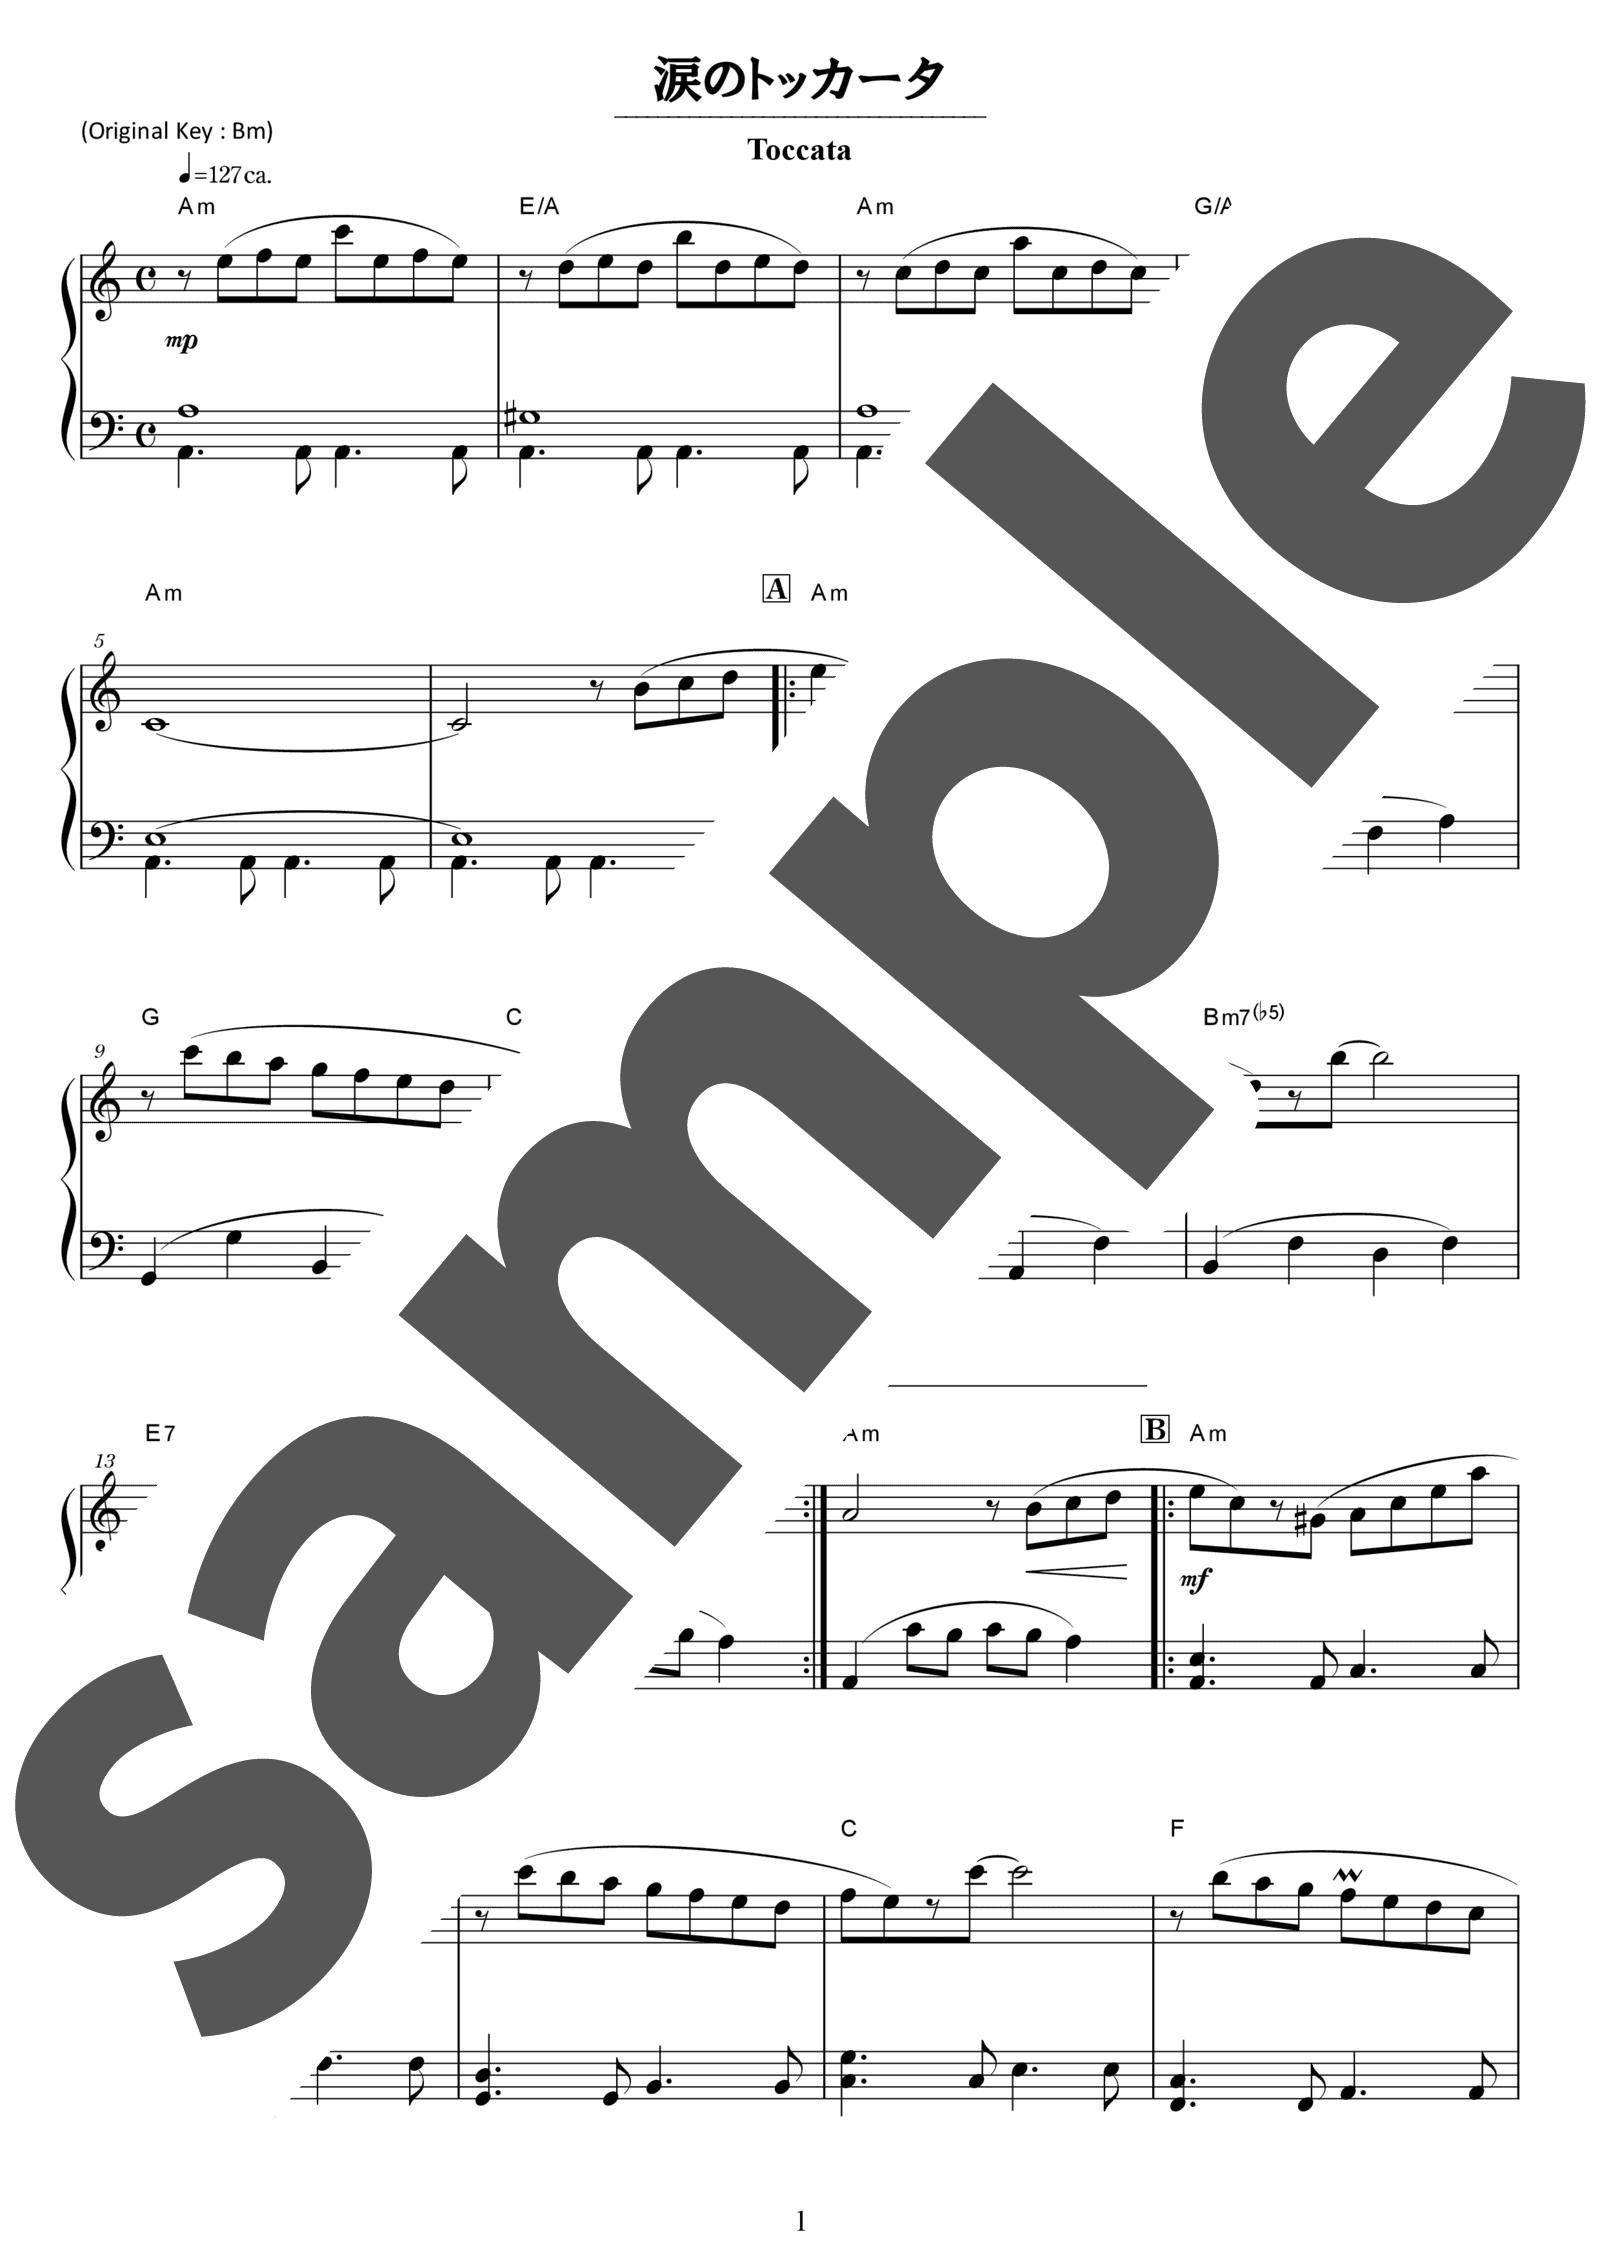 「涙のトッカータ」のサンプル楽譜